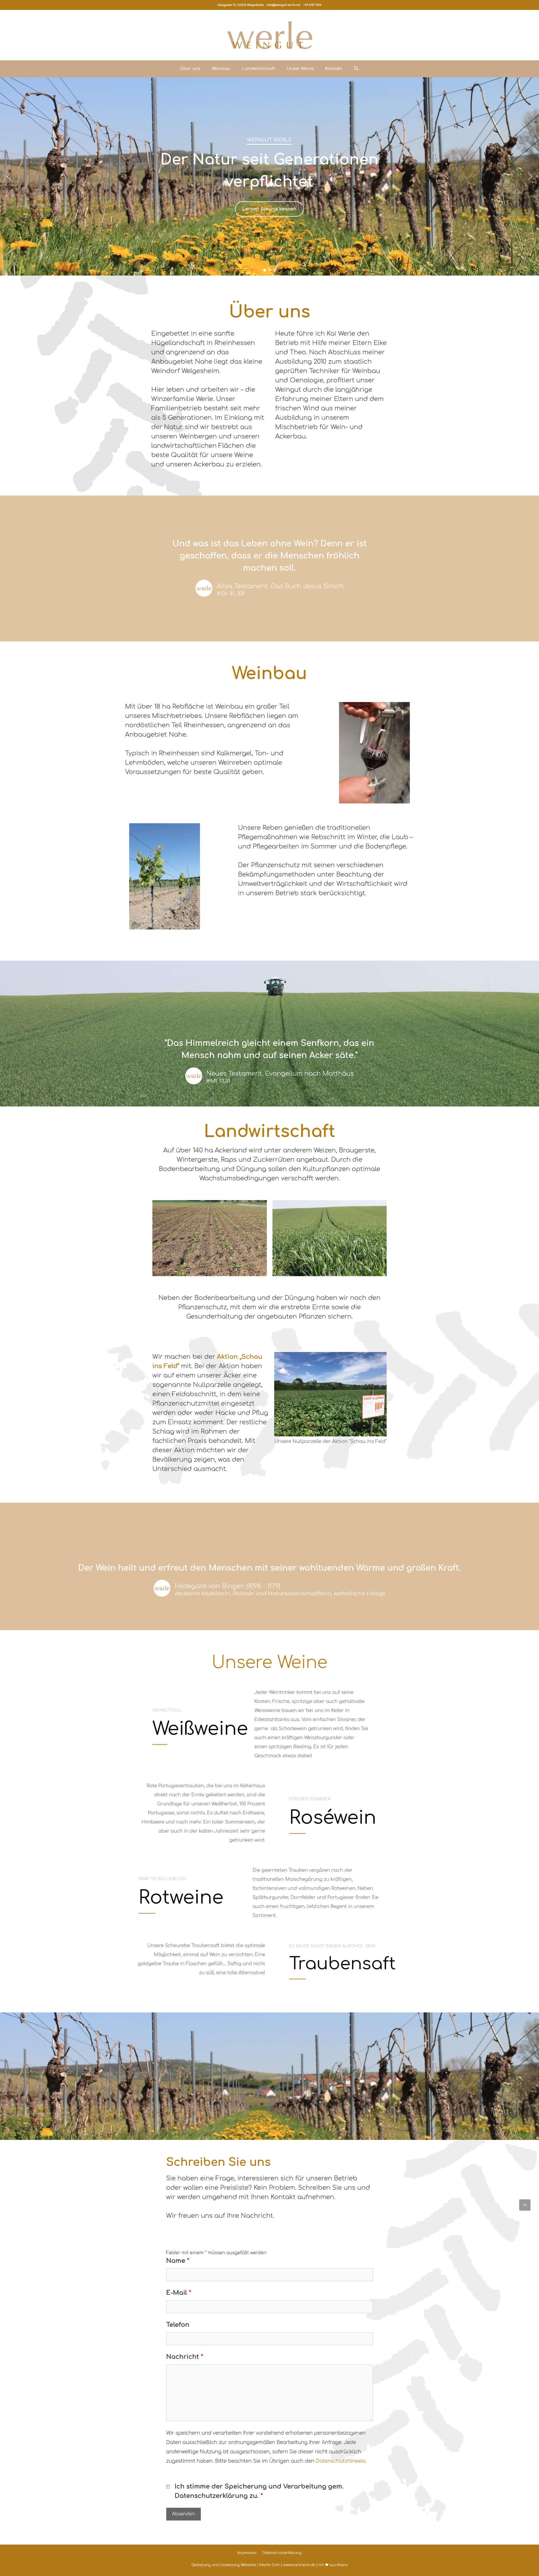 weingut-werle.net - Screenshot der Webseite 2019